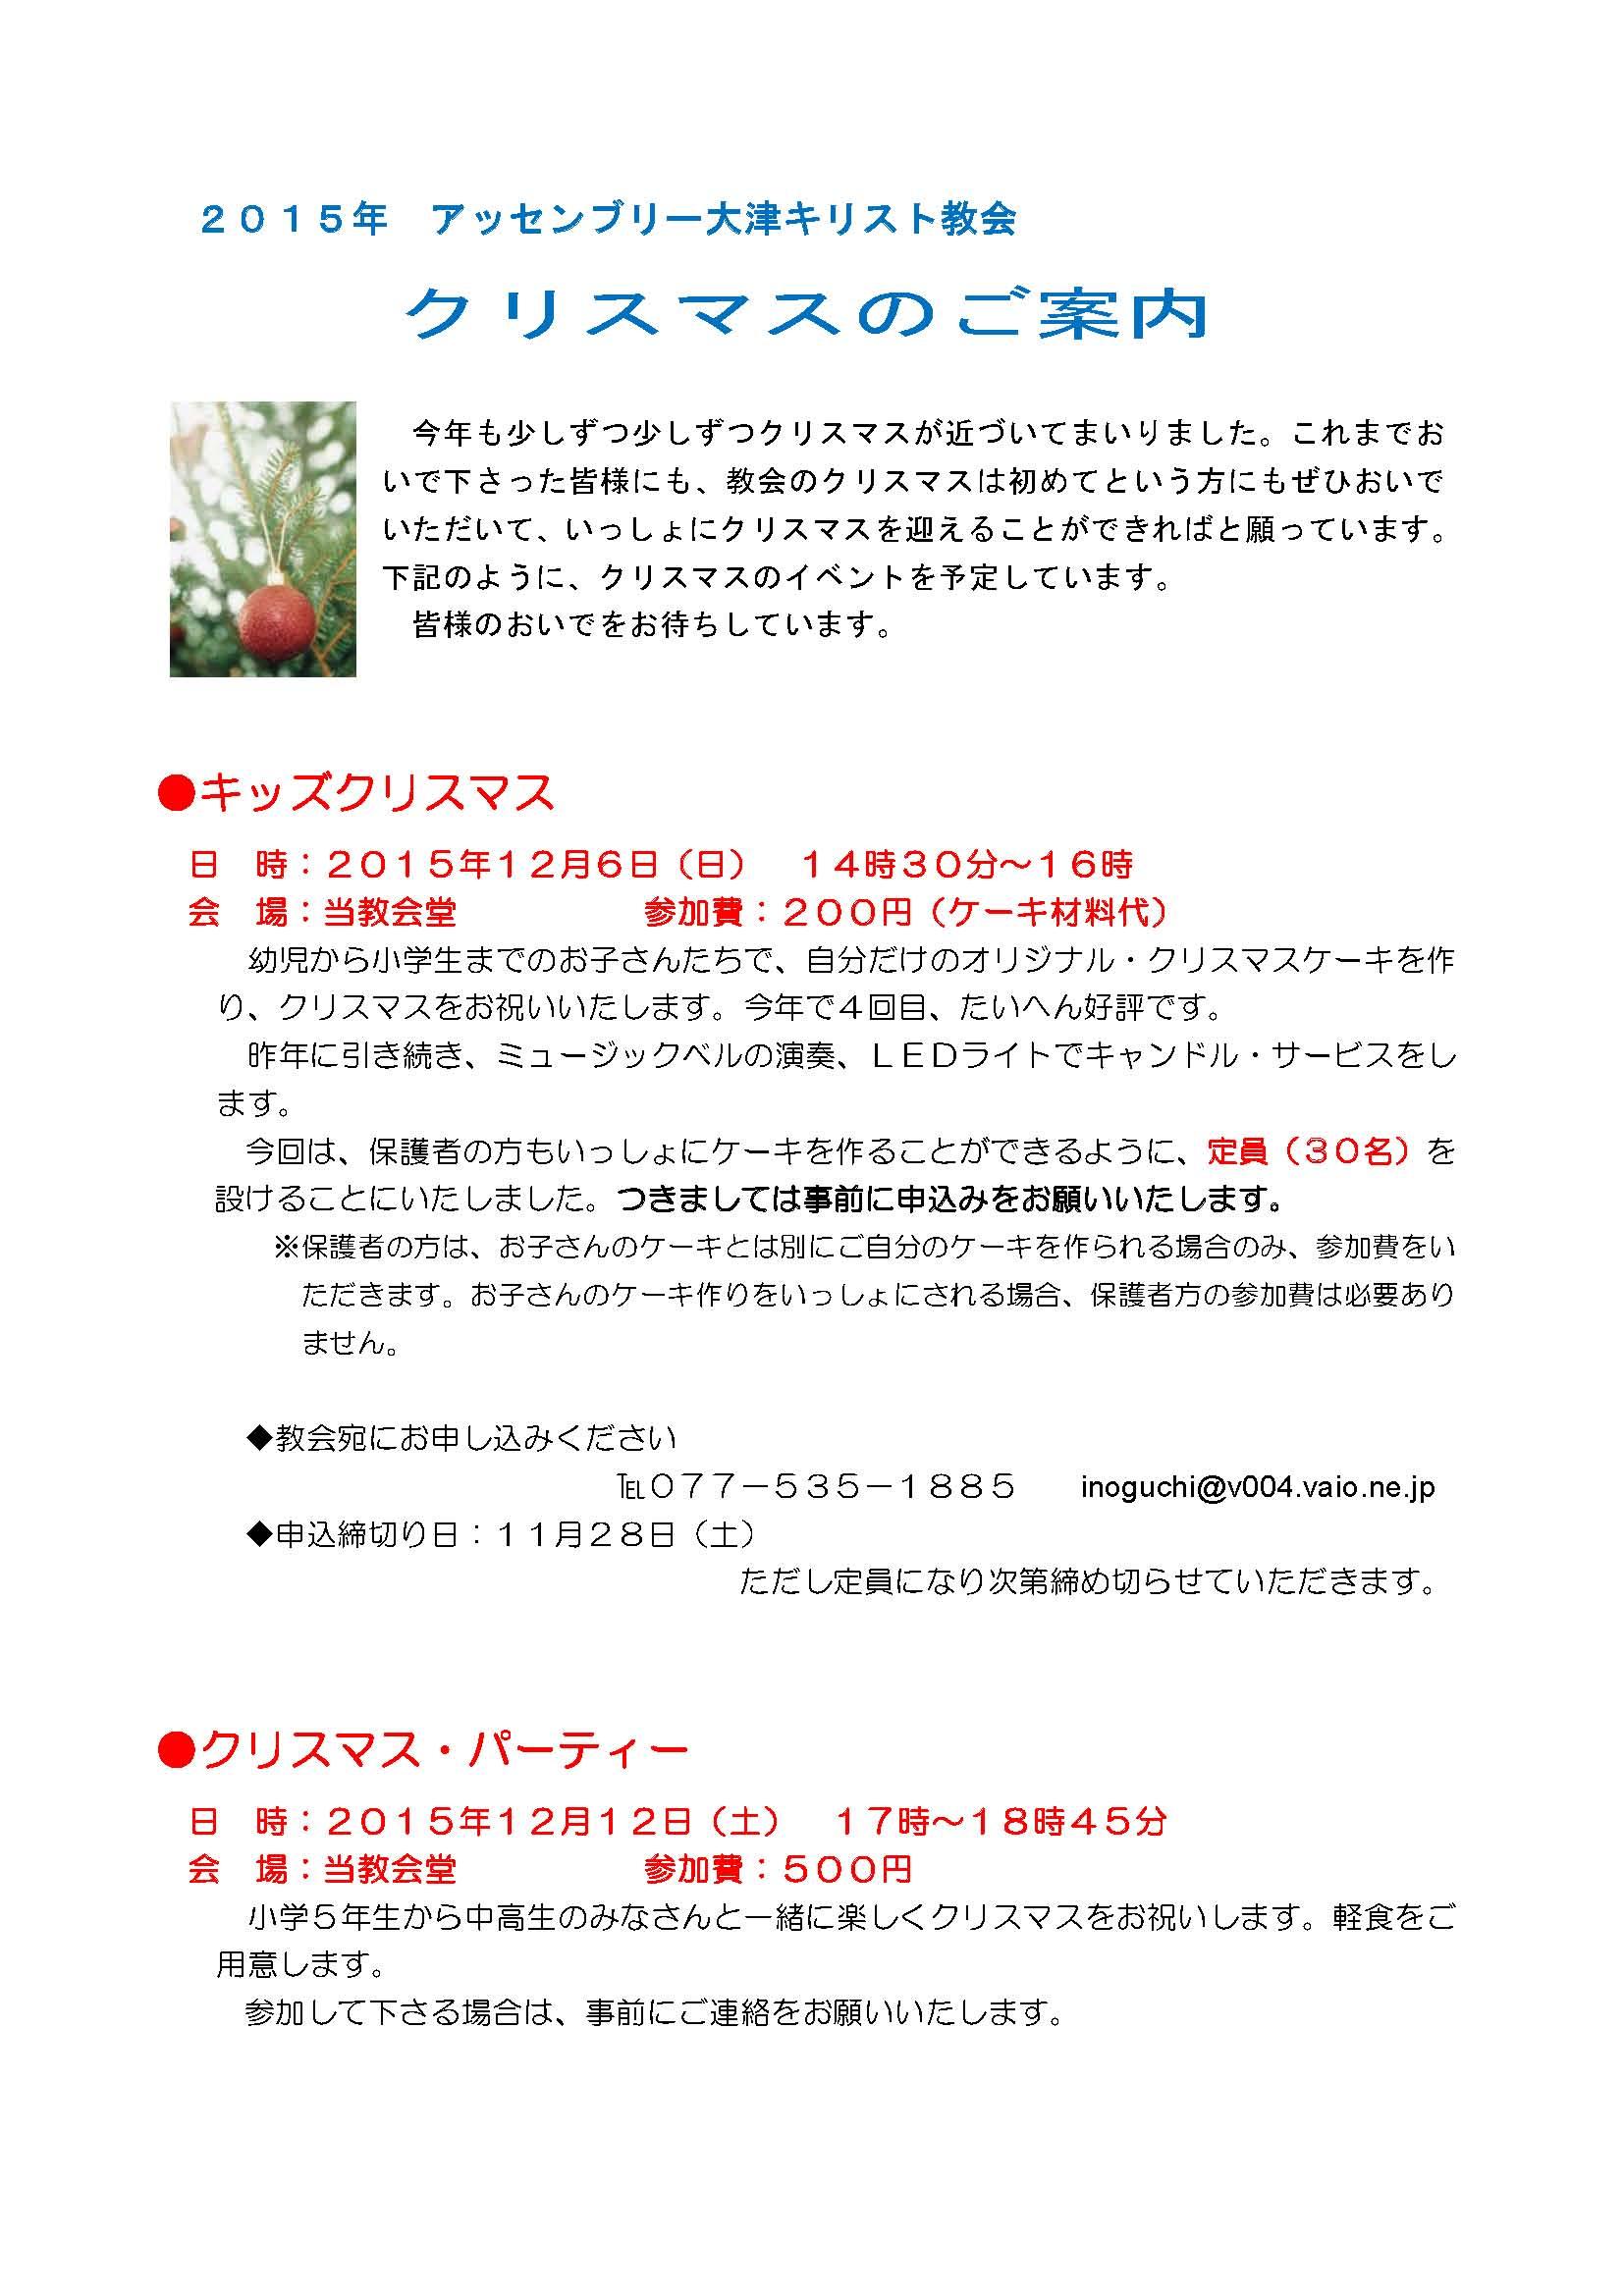 2015年 クリスマスのご案内(クリスマス全体)(2015年10月発送)_ページ_1